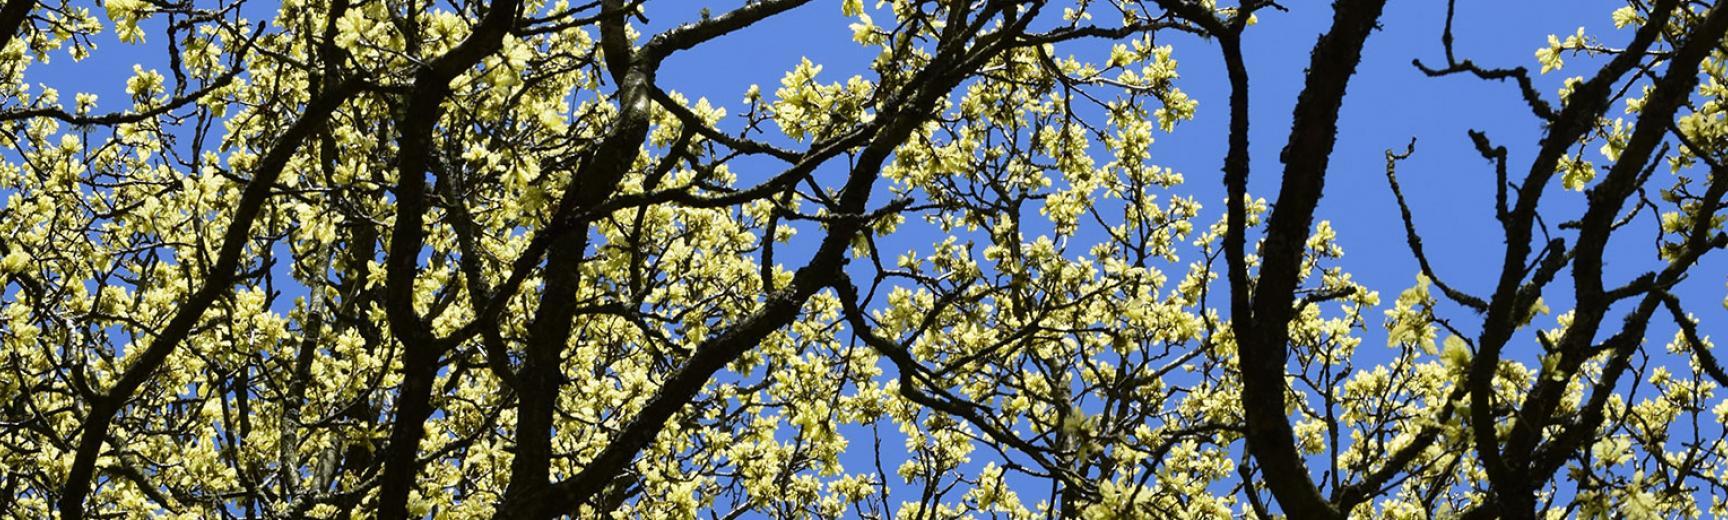 wytham spring walks